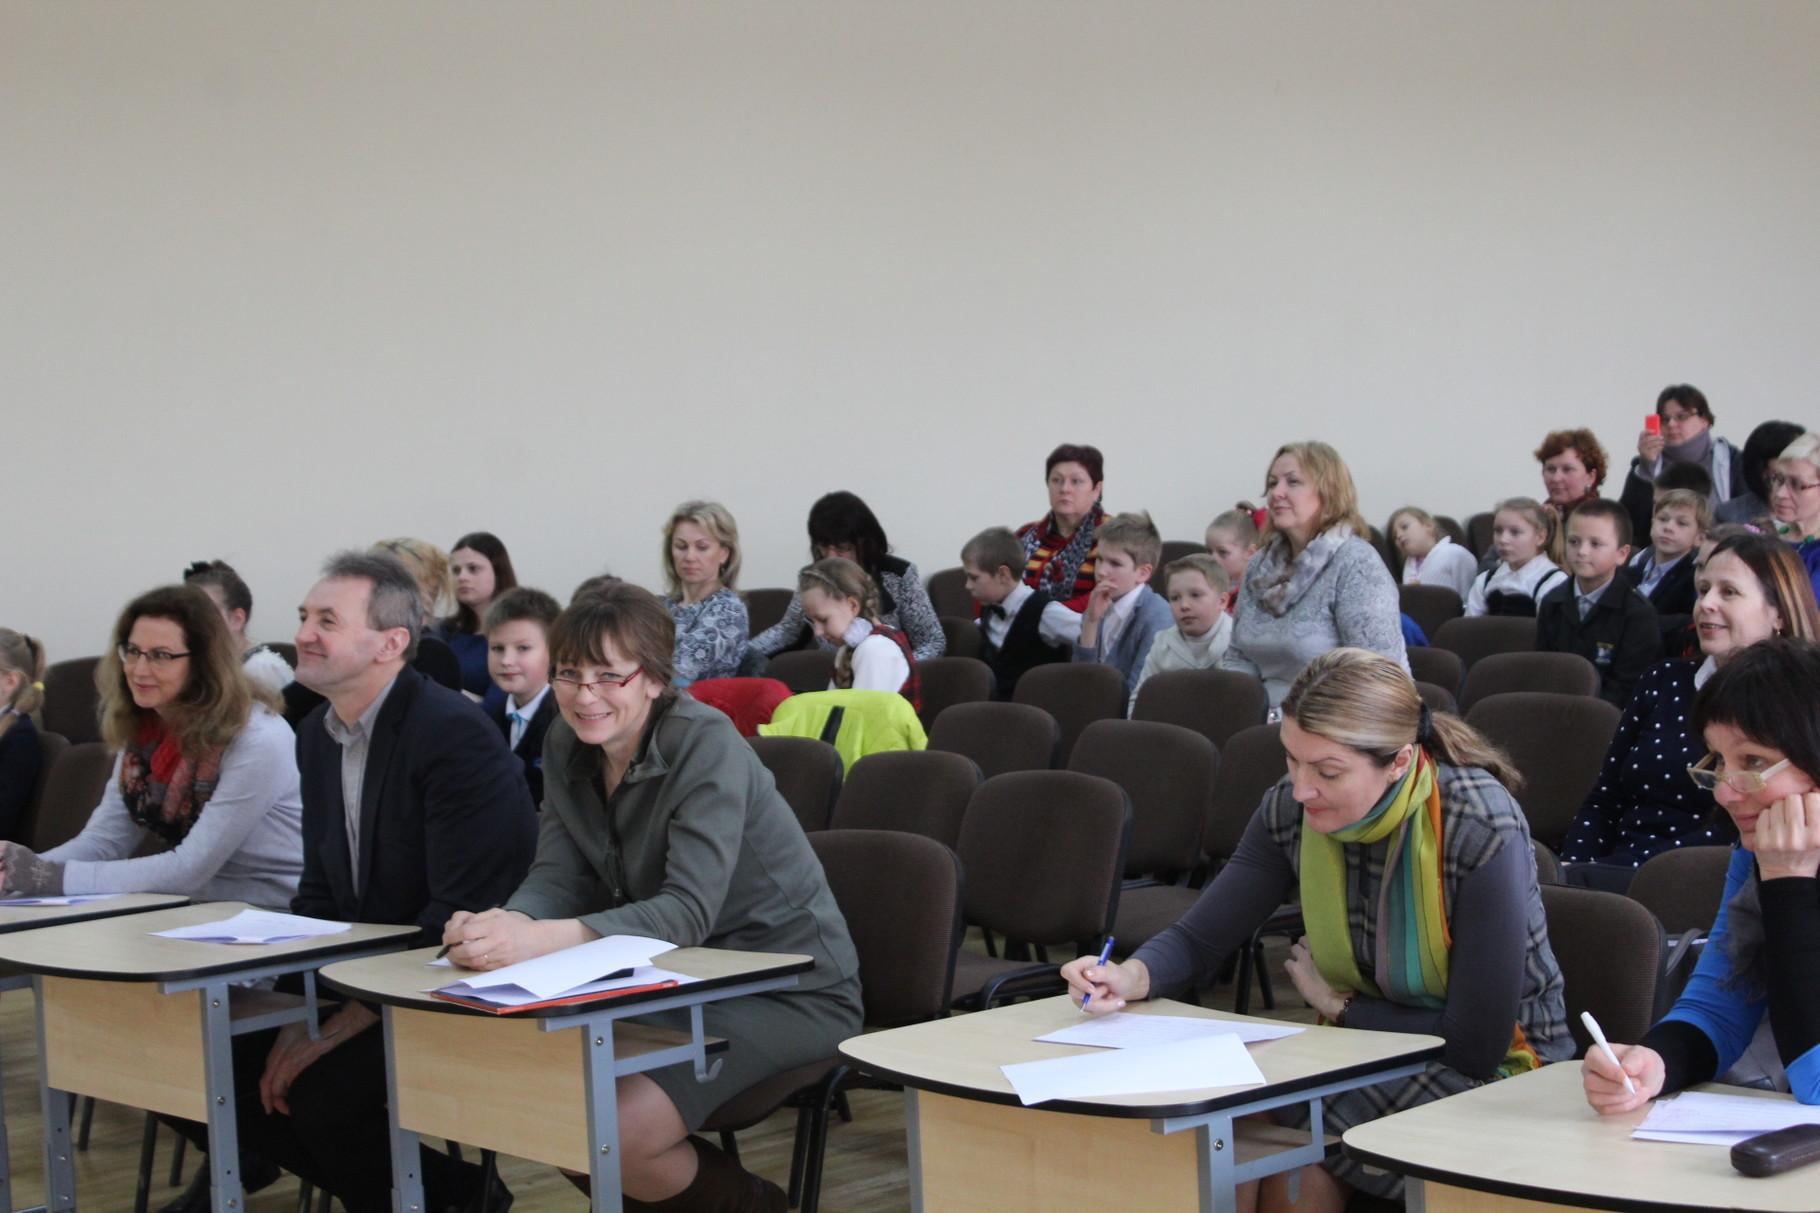 """Jurbarko rajono meninio skaitymo konkursas""""Vaikystės karuselė"""" 16-03-16"""